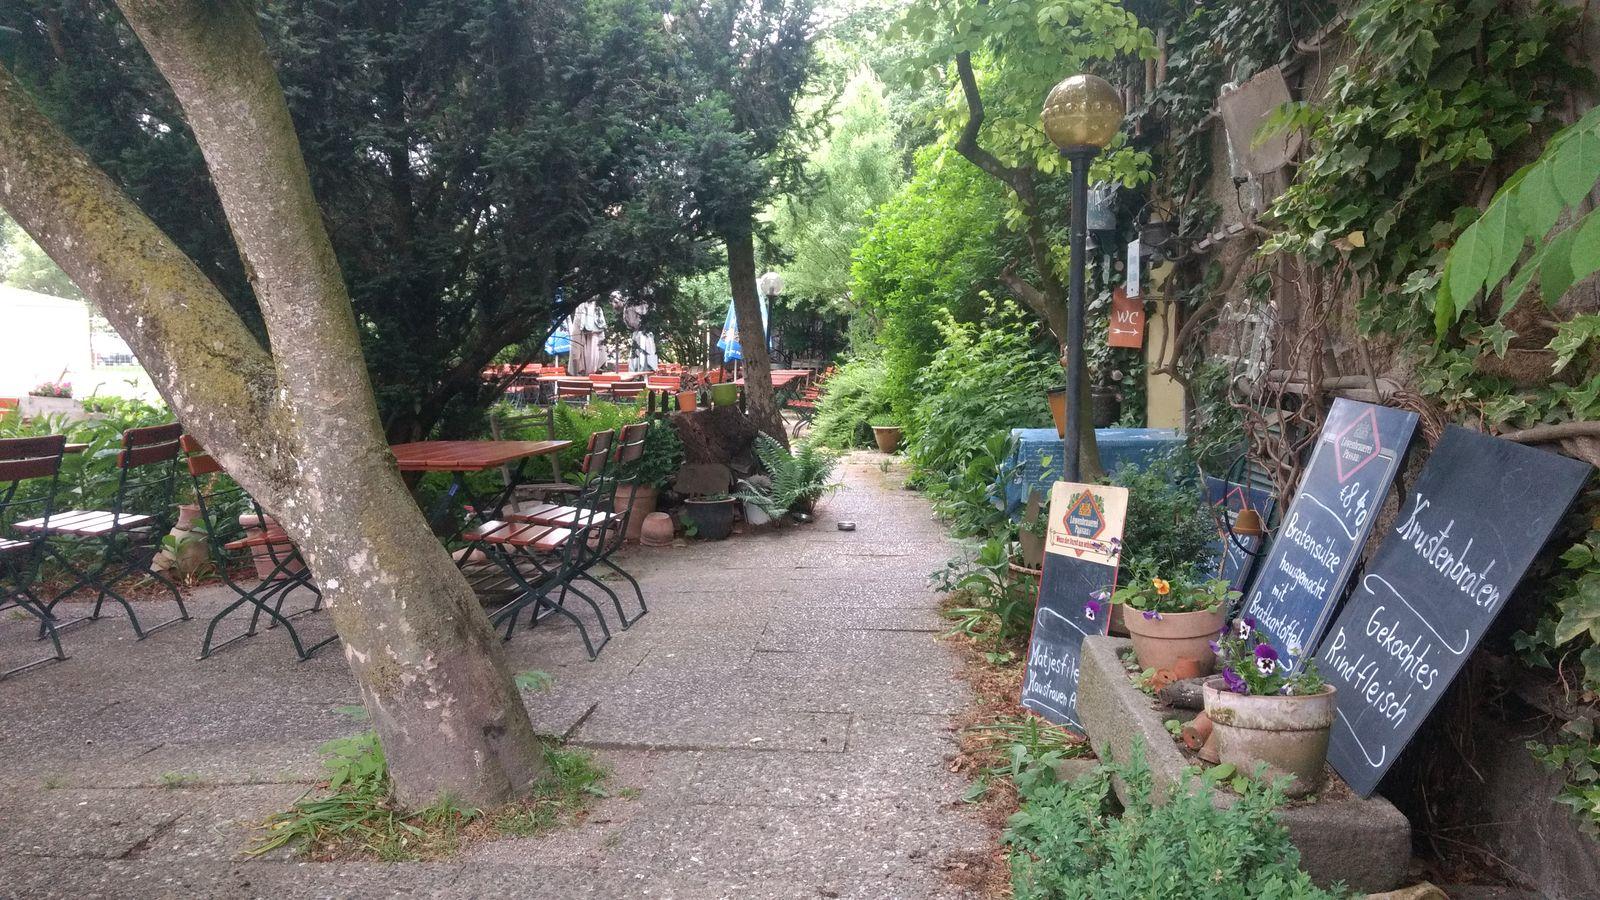 Biergarten der Alten Taverne in Würding